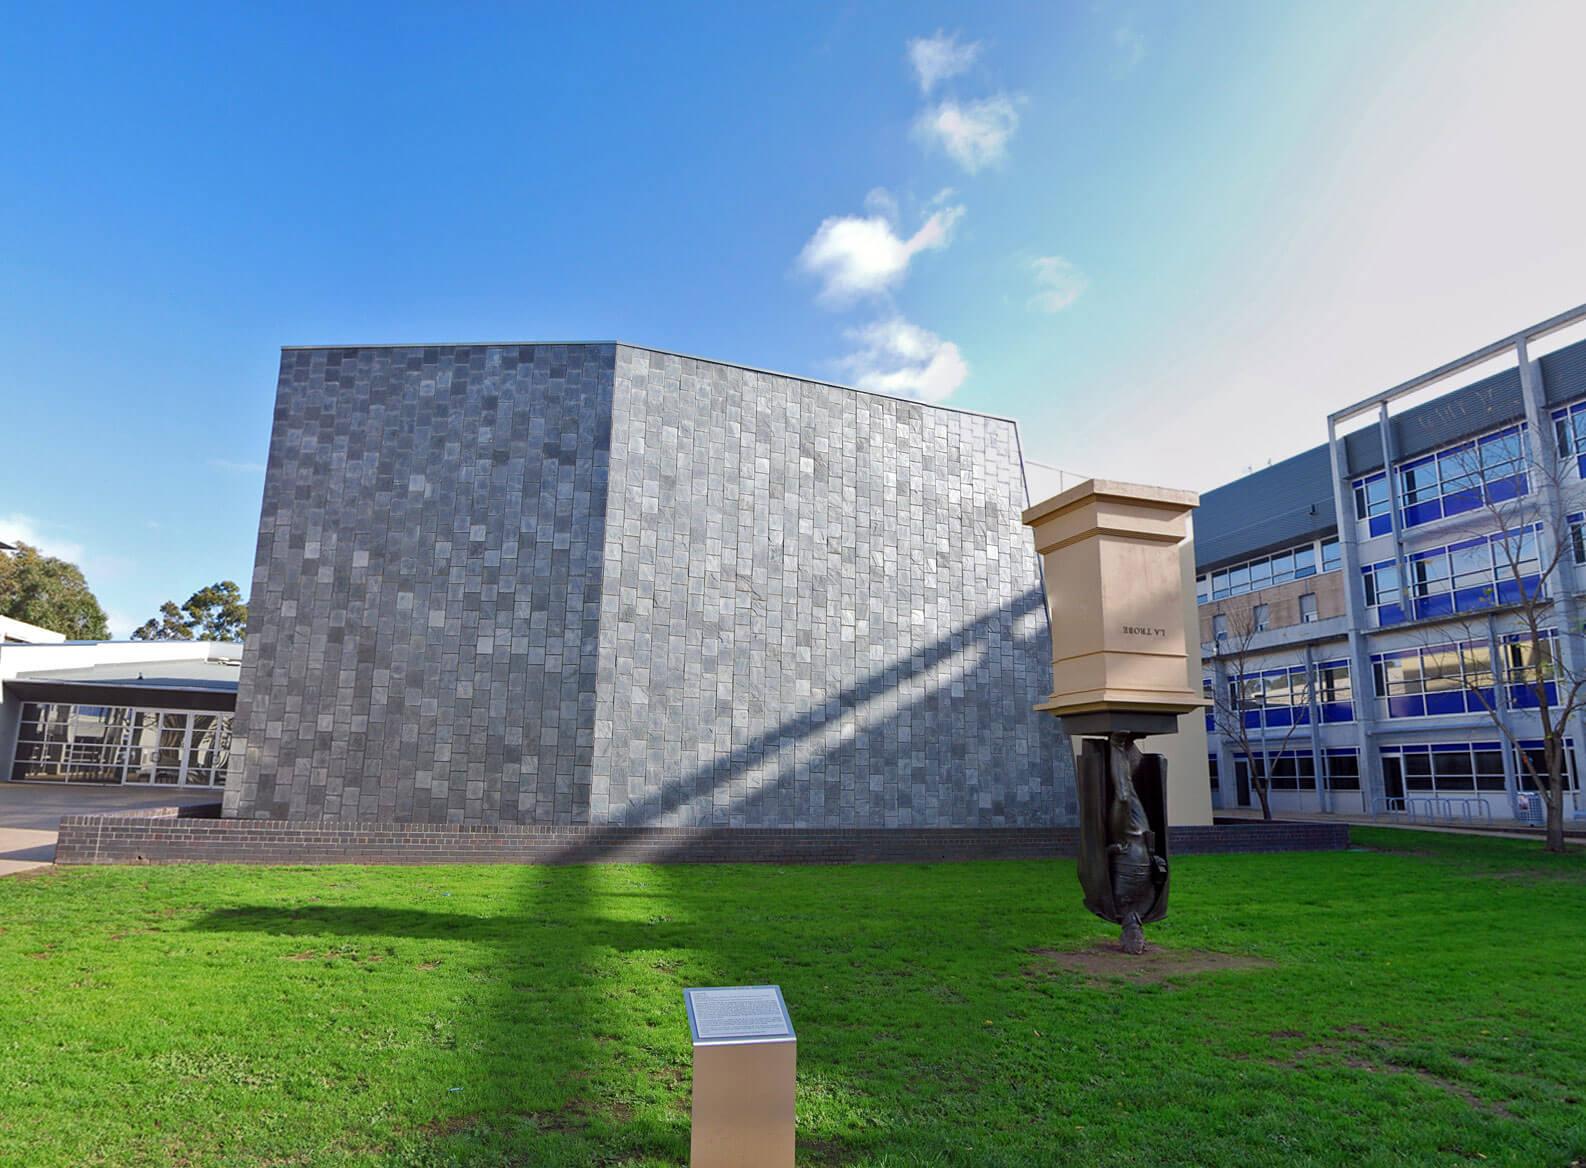 Upside-down Monument of Charles La Trobe (Australia)